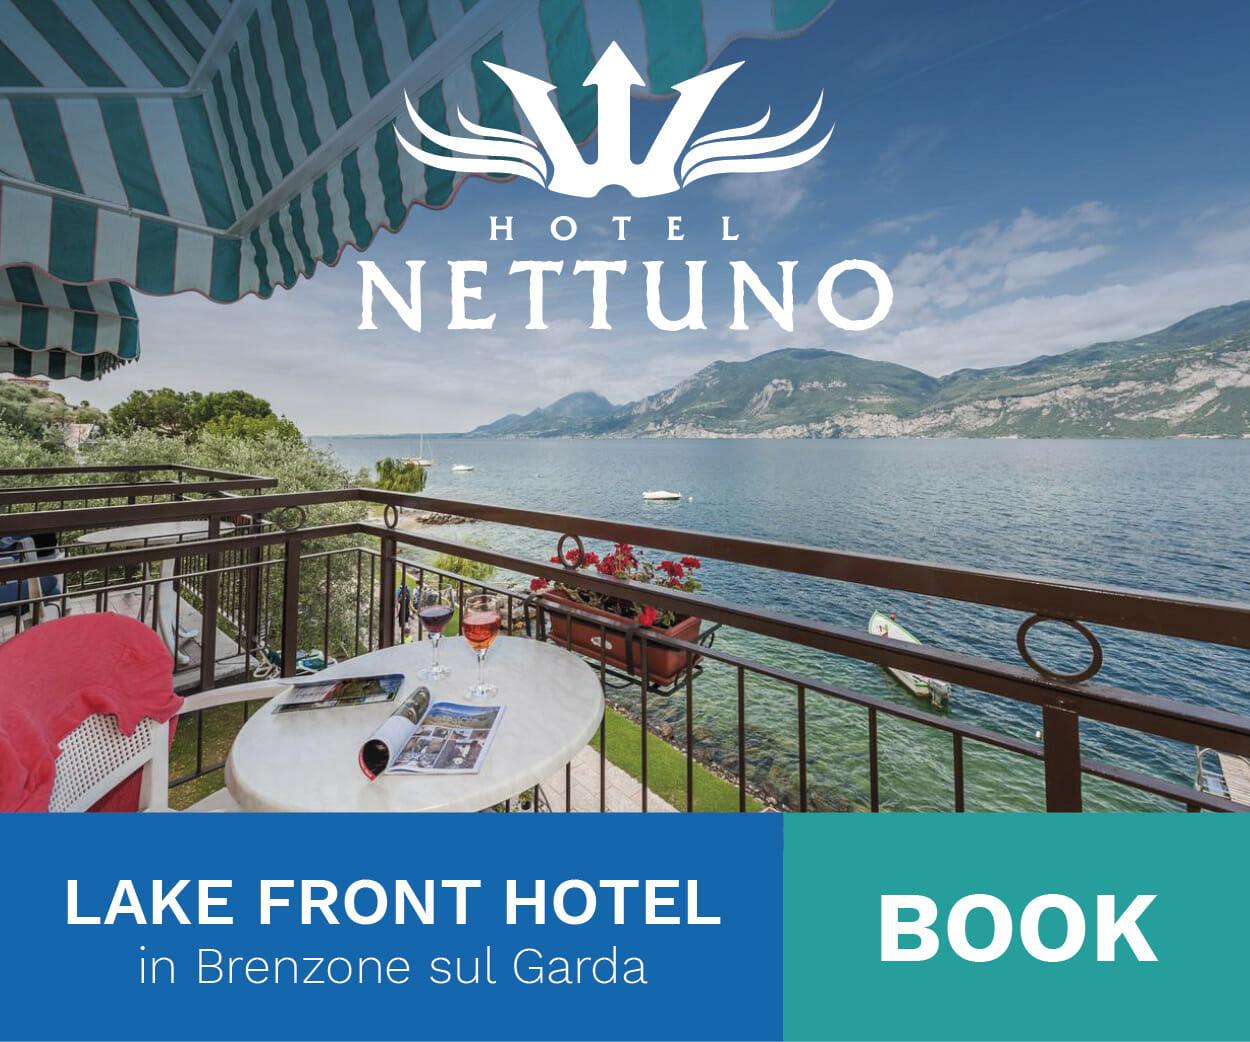 Hotel Nettuno 360gardalife